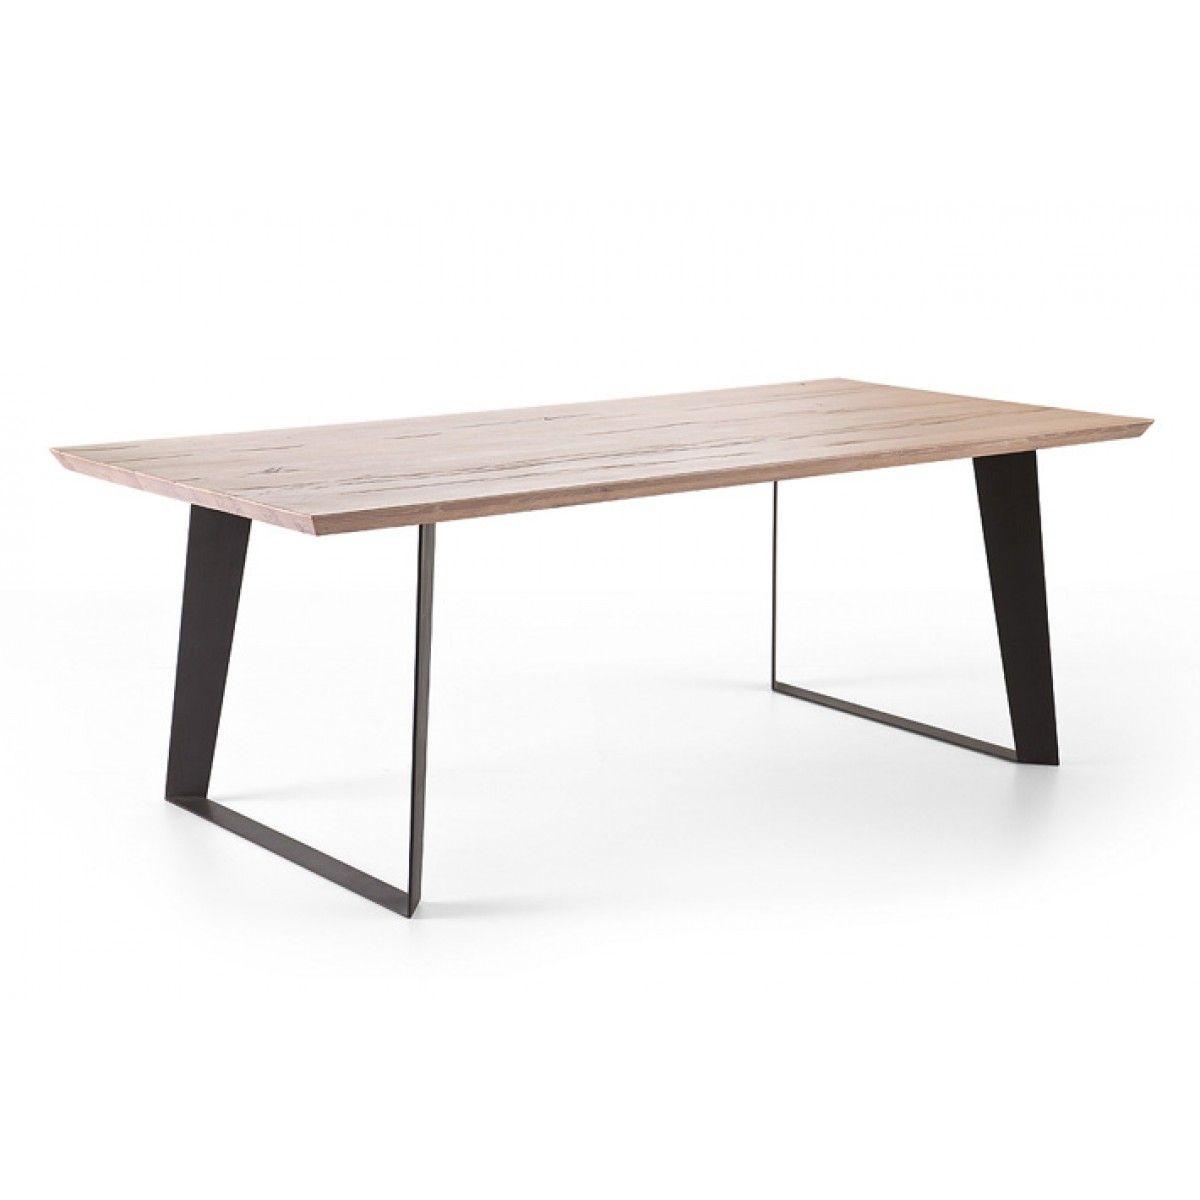 Bezaubernd Esstisch Holz Metall Beste Wahl Eiche Tischplatte, Tisch Massiv-eiche Gestell Metall, Maße